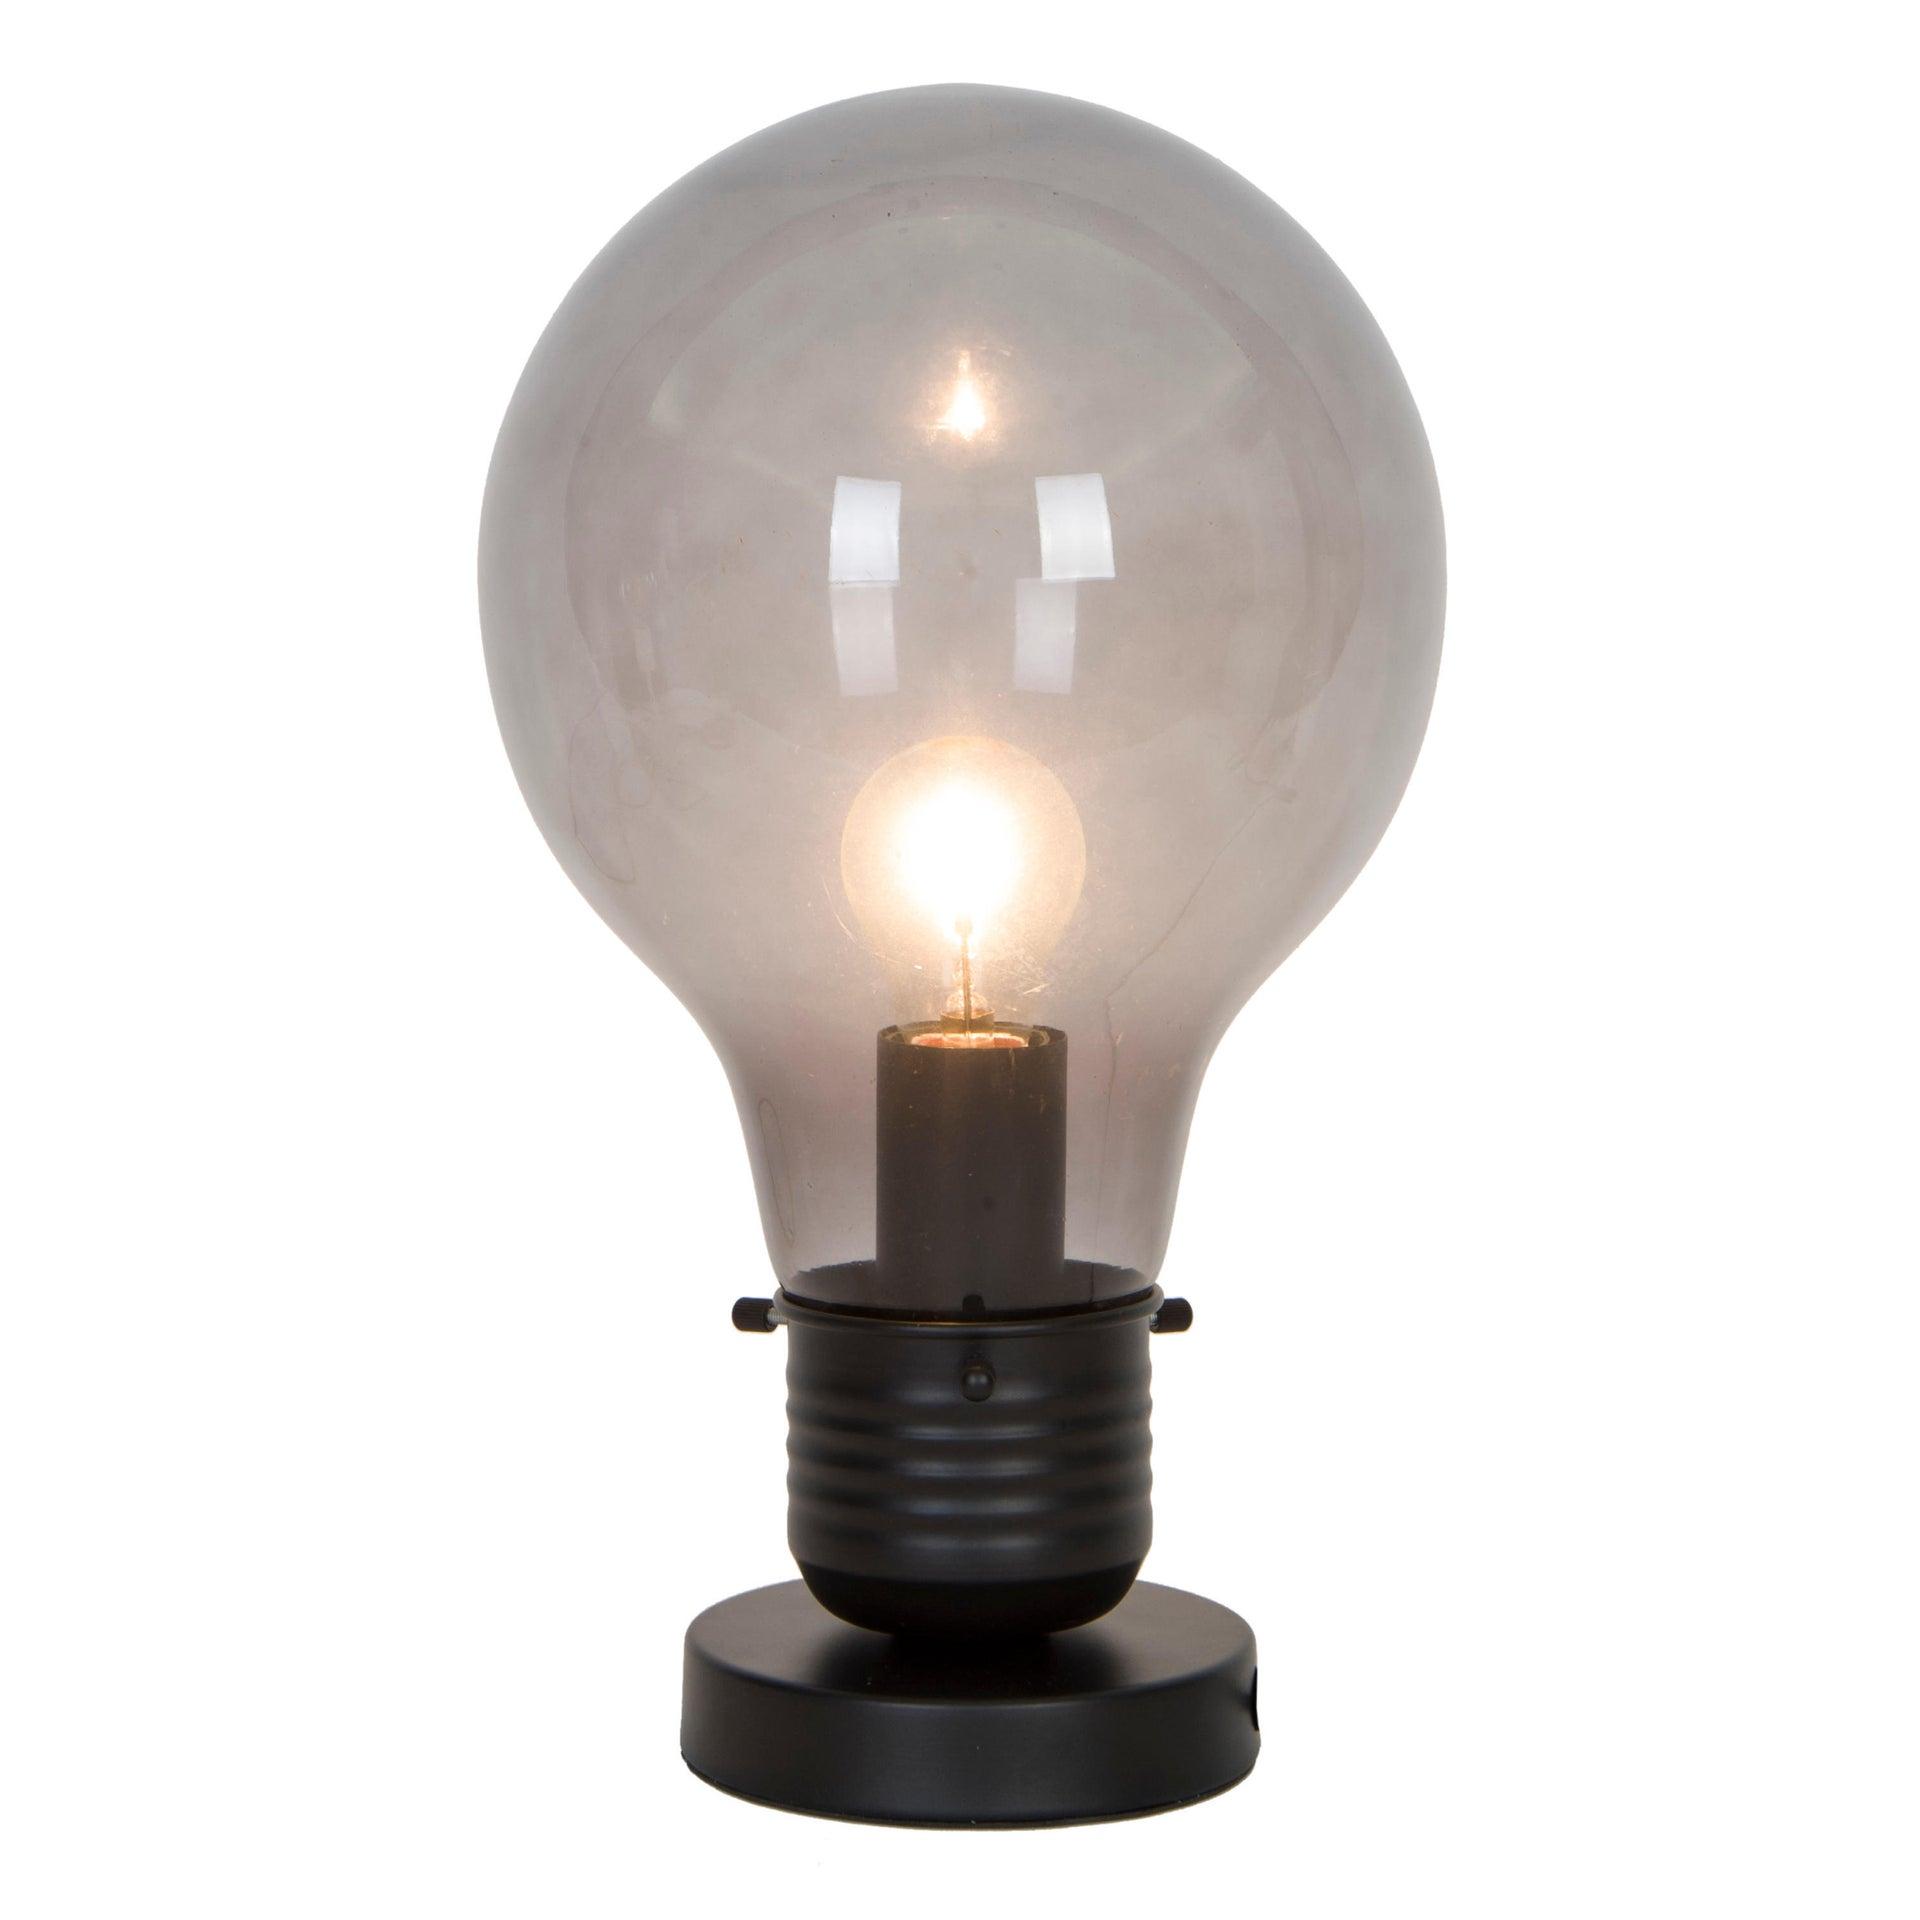 Lampada da tavolo Moderno Bombilla nero , in vetro, INSPIRE - 6